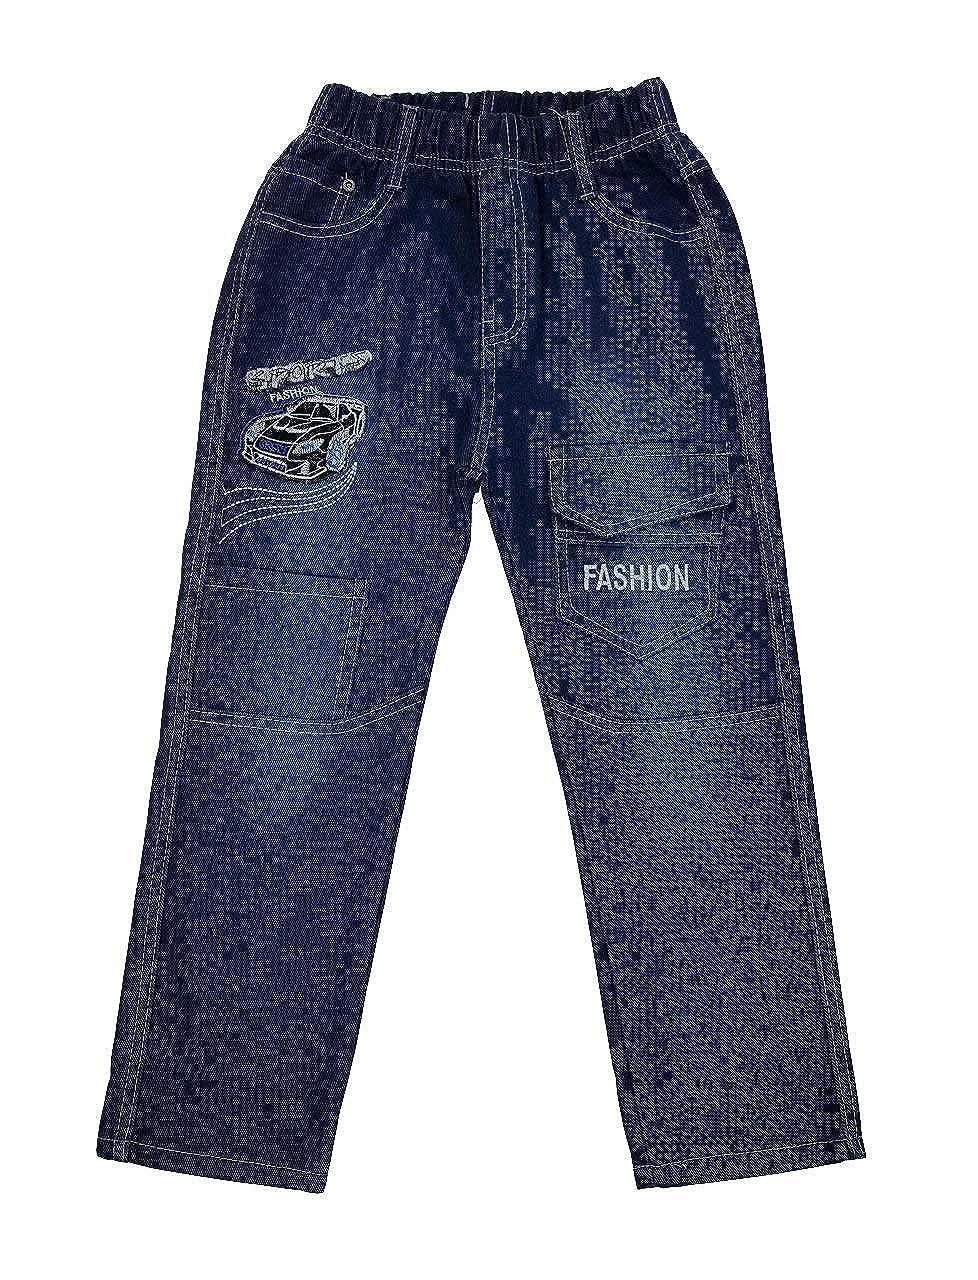 Bequeme Jeans mit rundum Gummizug, J66e